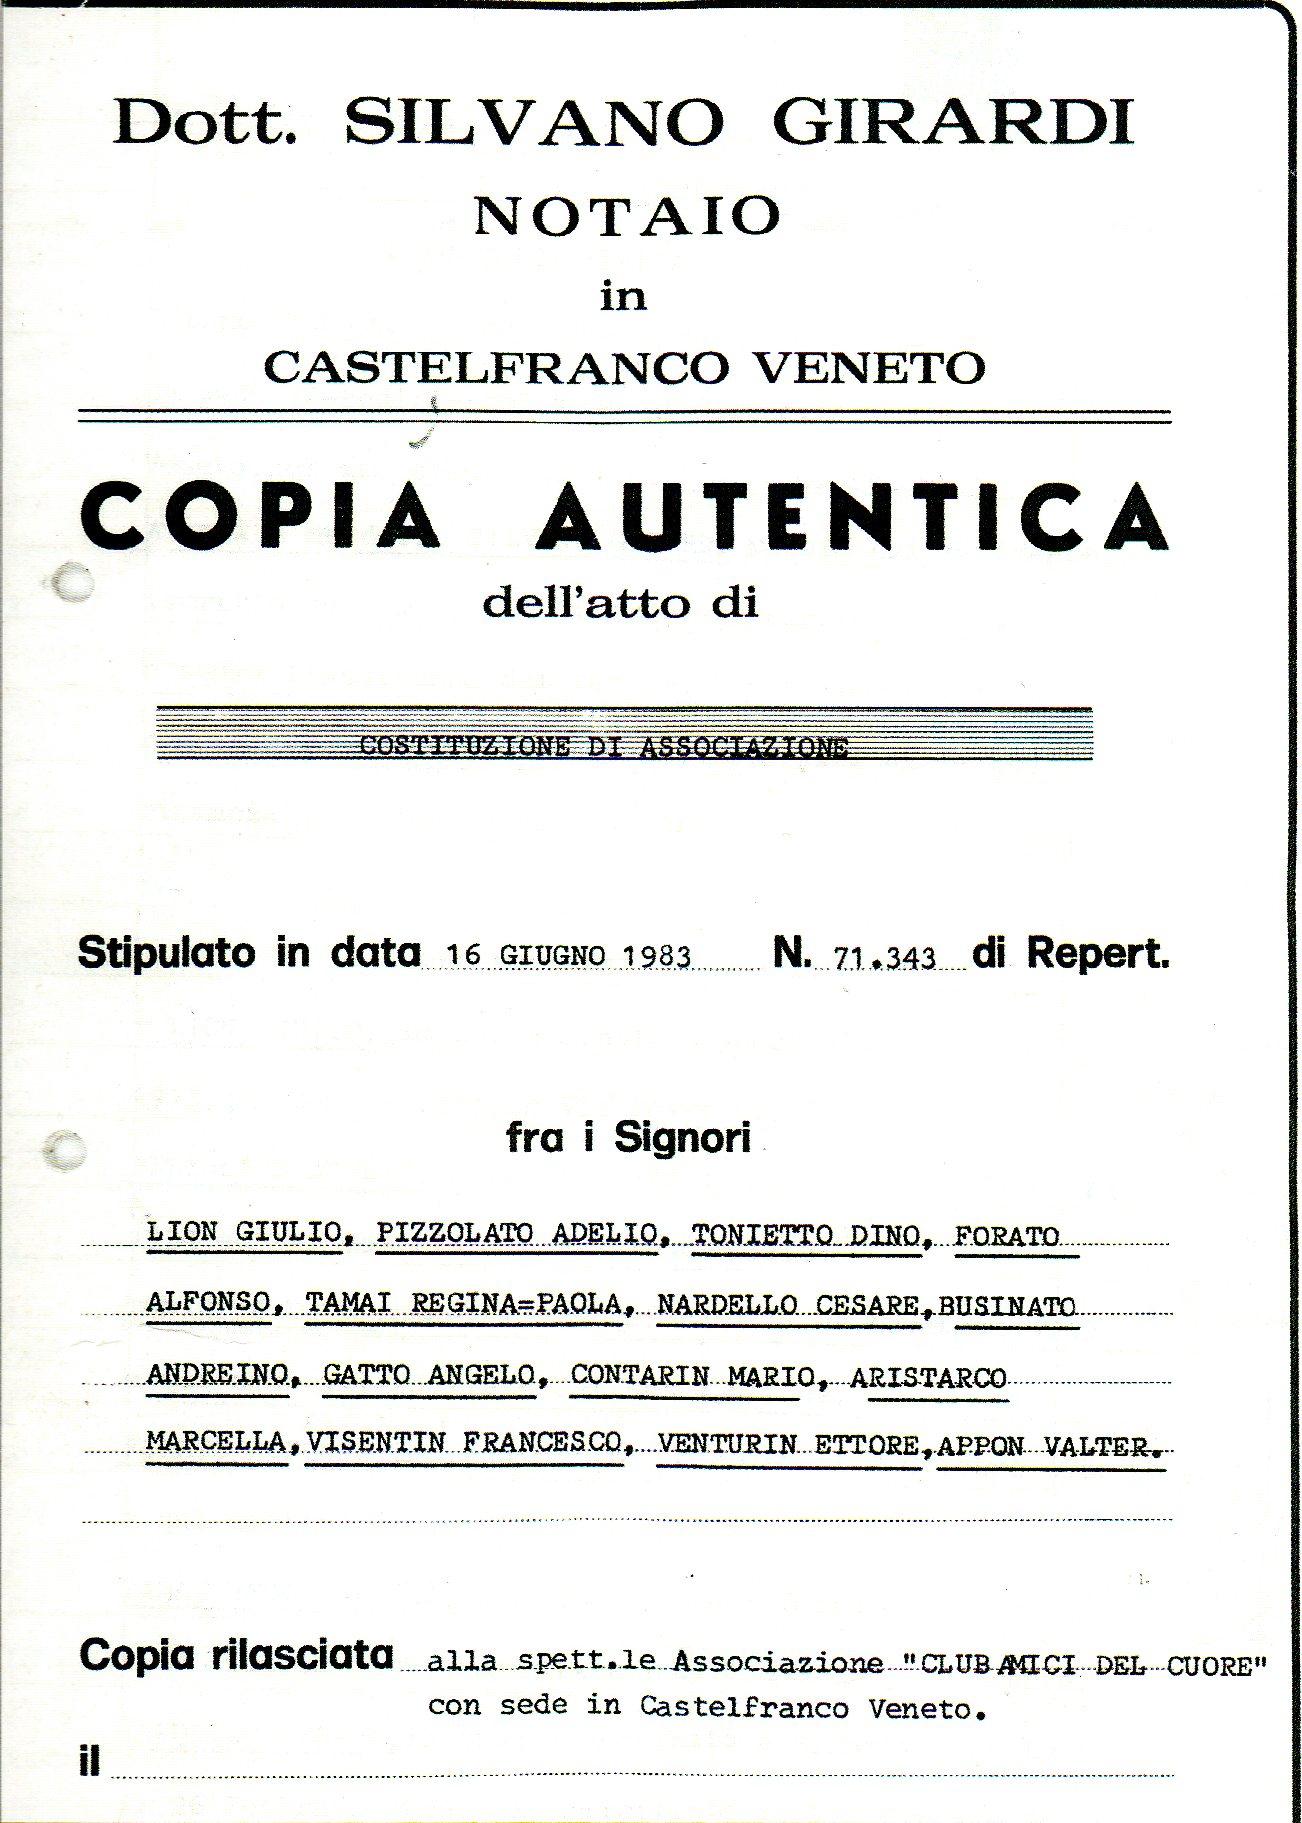 copia autentica307